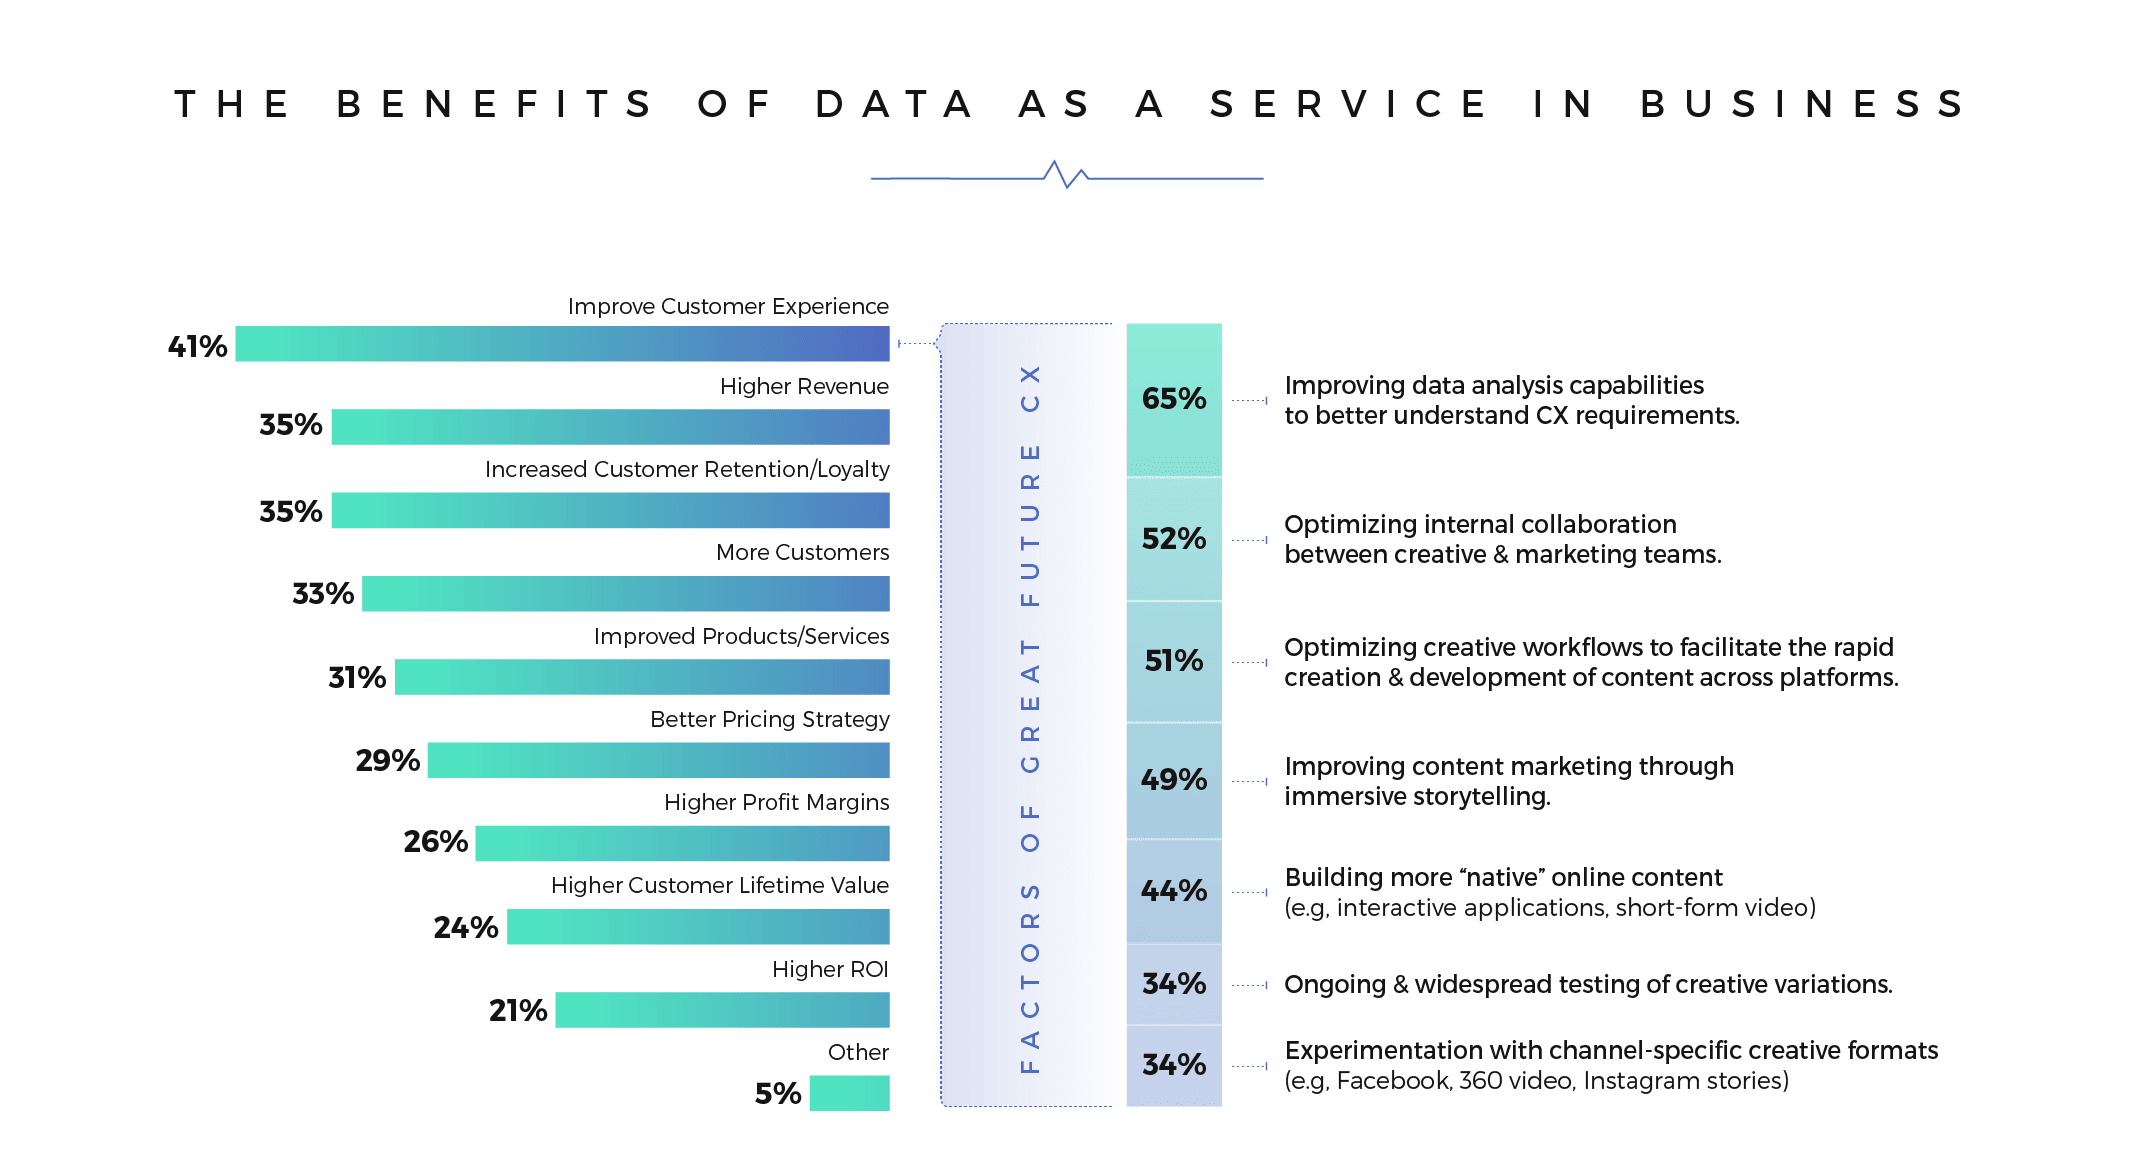 DaaS Benefits